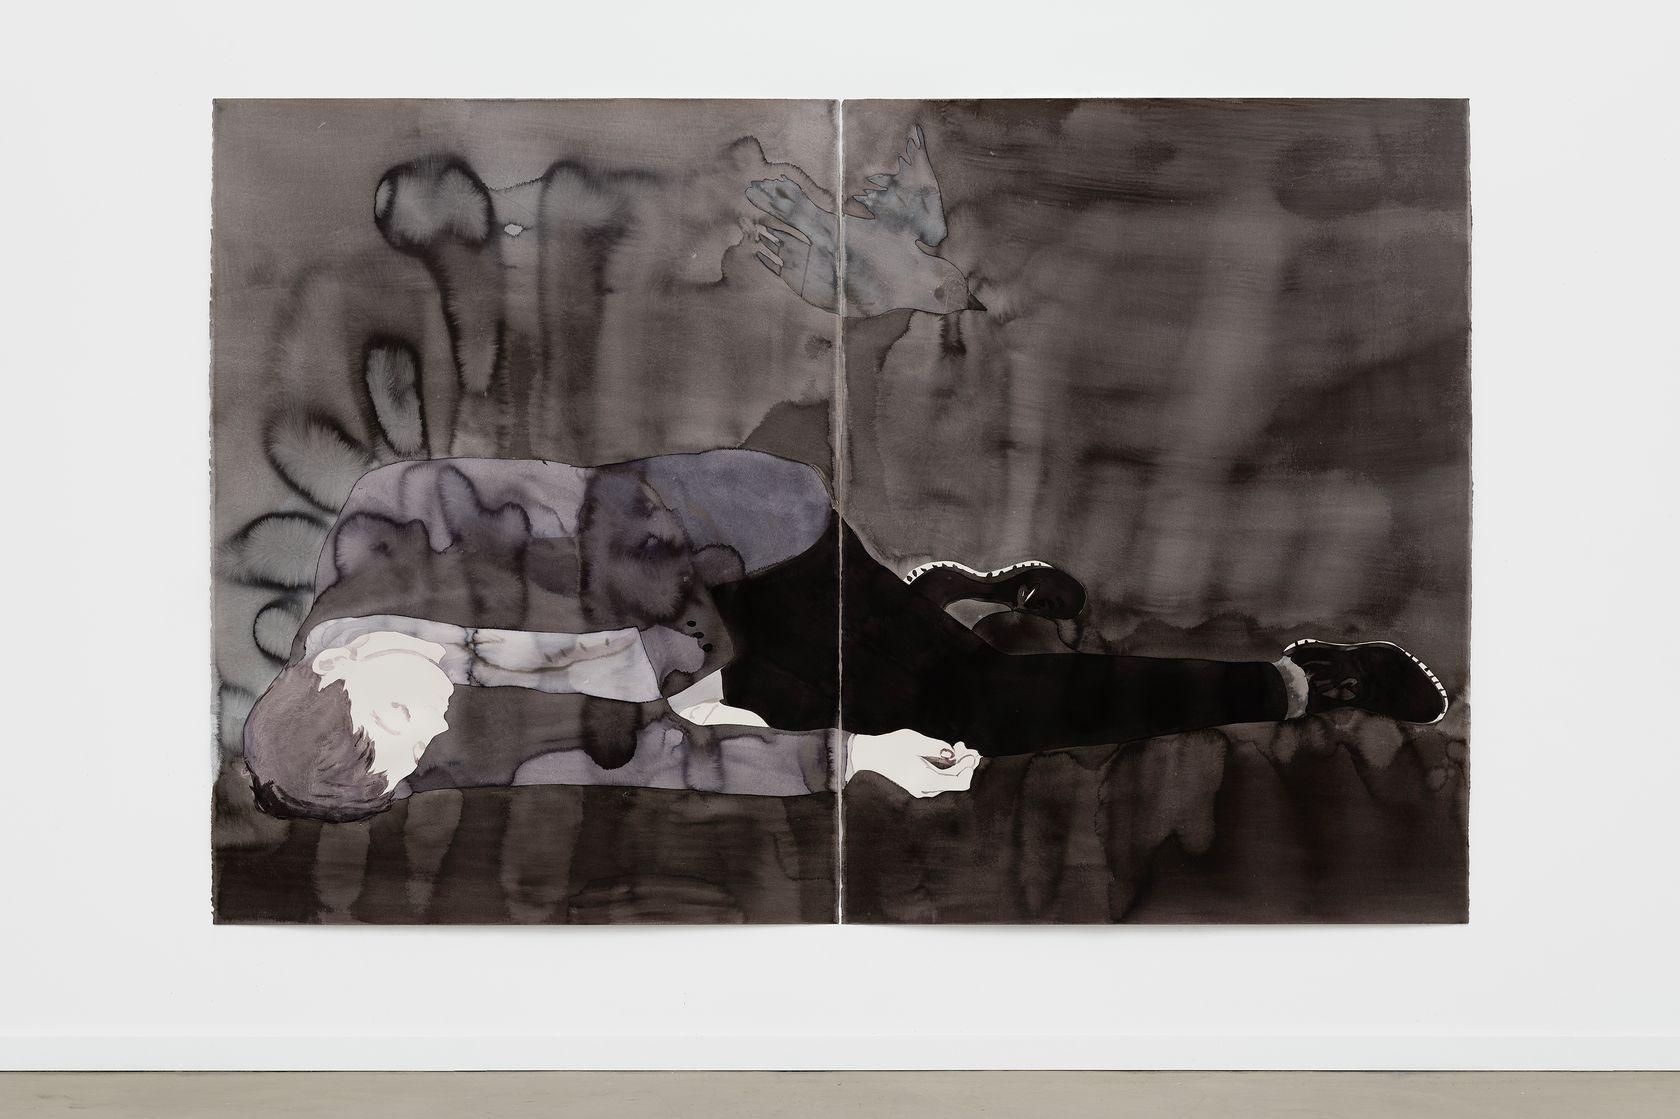 Françoise Pétrovitch, Étendu, 2018 Lavis d'encre sur papier160 × 240 cm / 63  × 94 1/2 in. | 176.4 × 258.2 × 5 cm / 69 1/2 × 101 5/8 × 2  in. (encadré/framed)